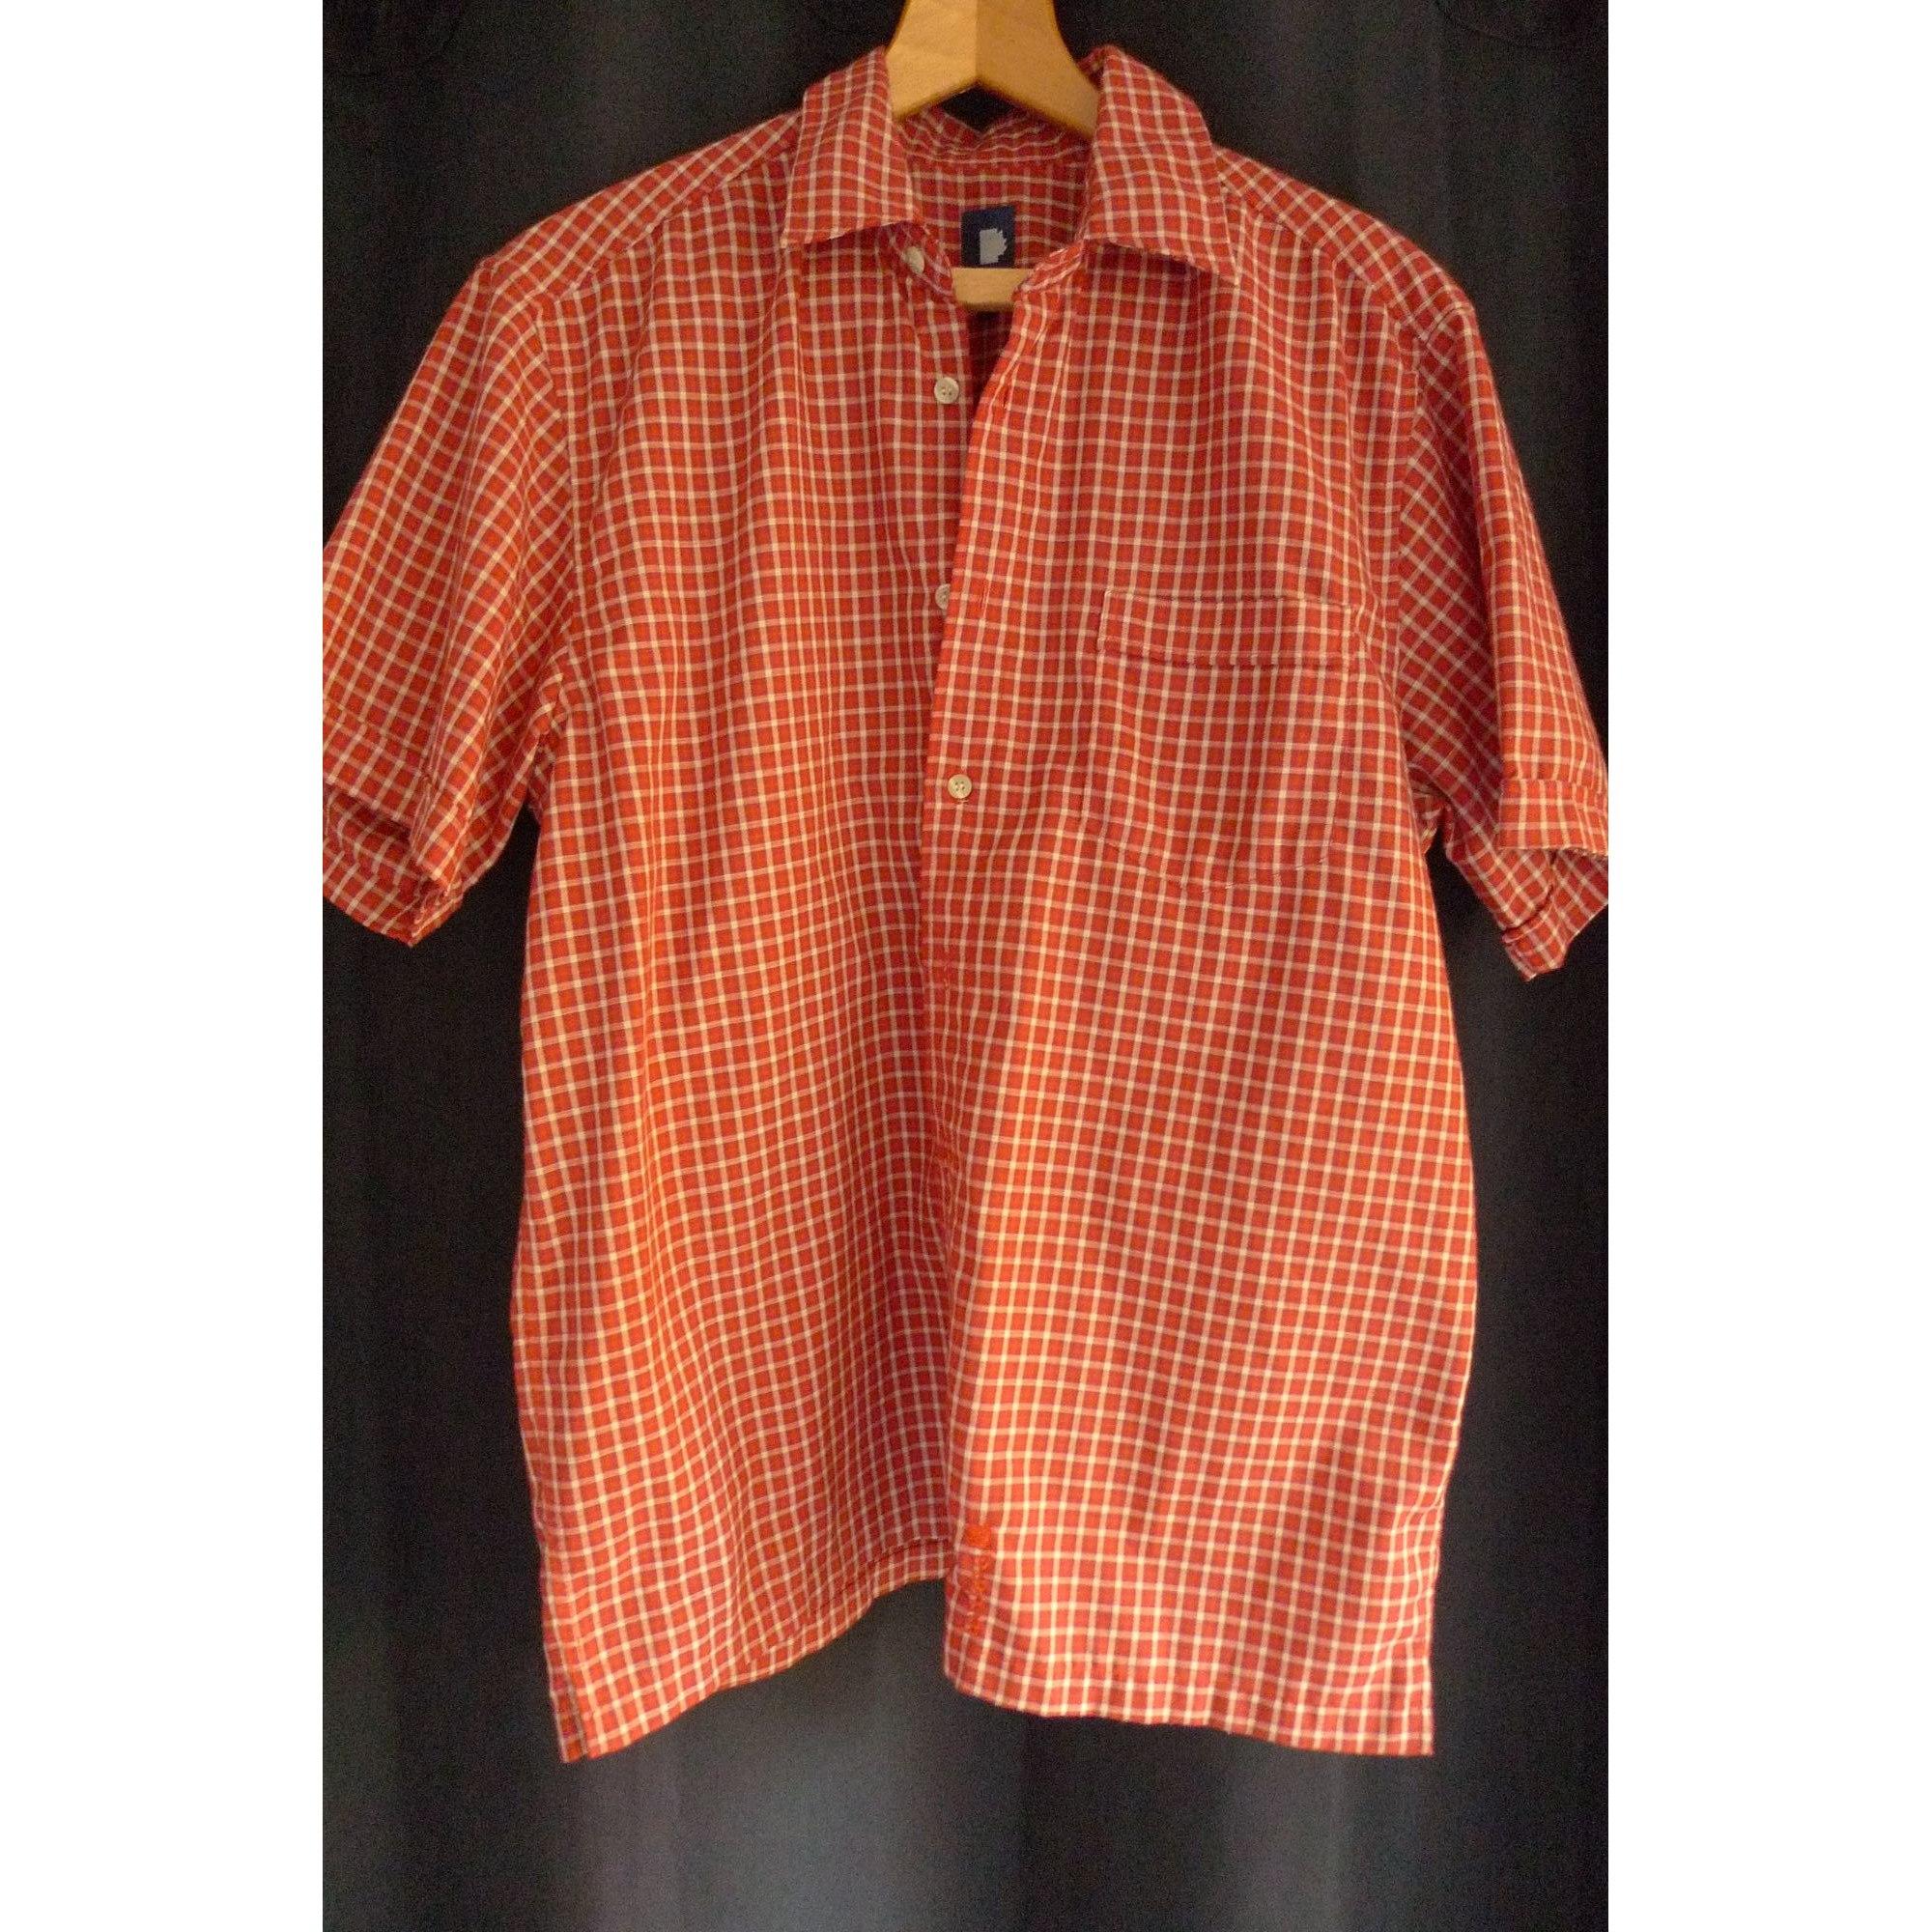 Chemisette LAFUMA Orange